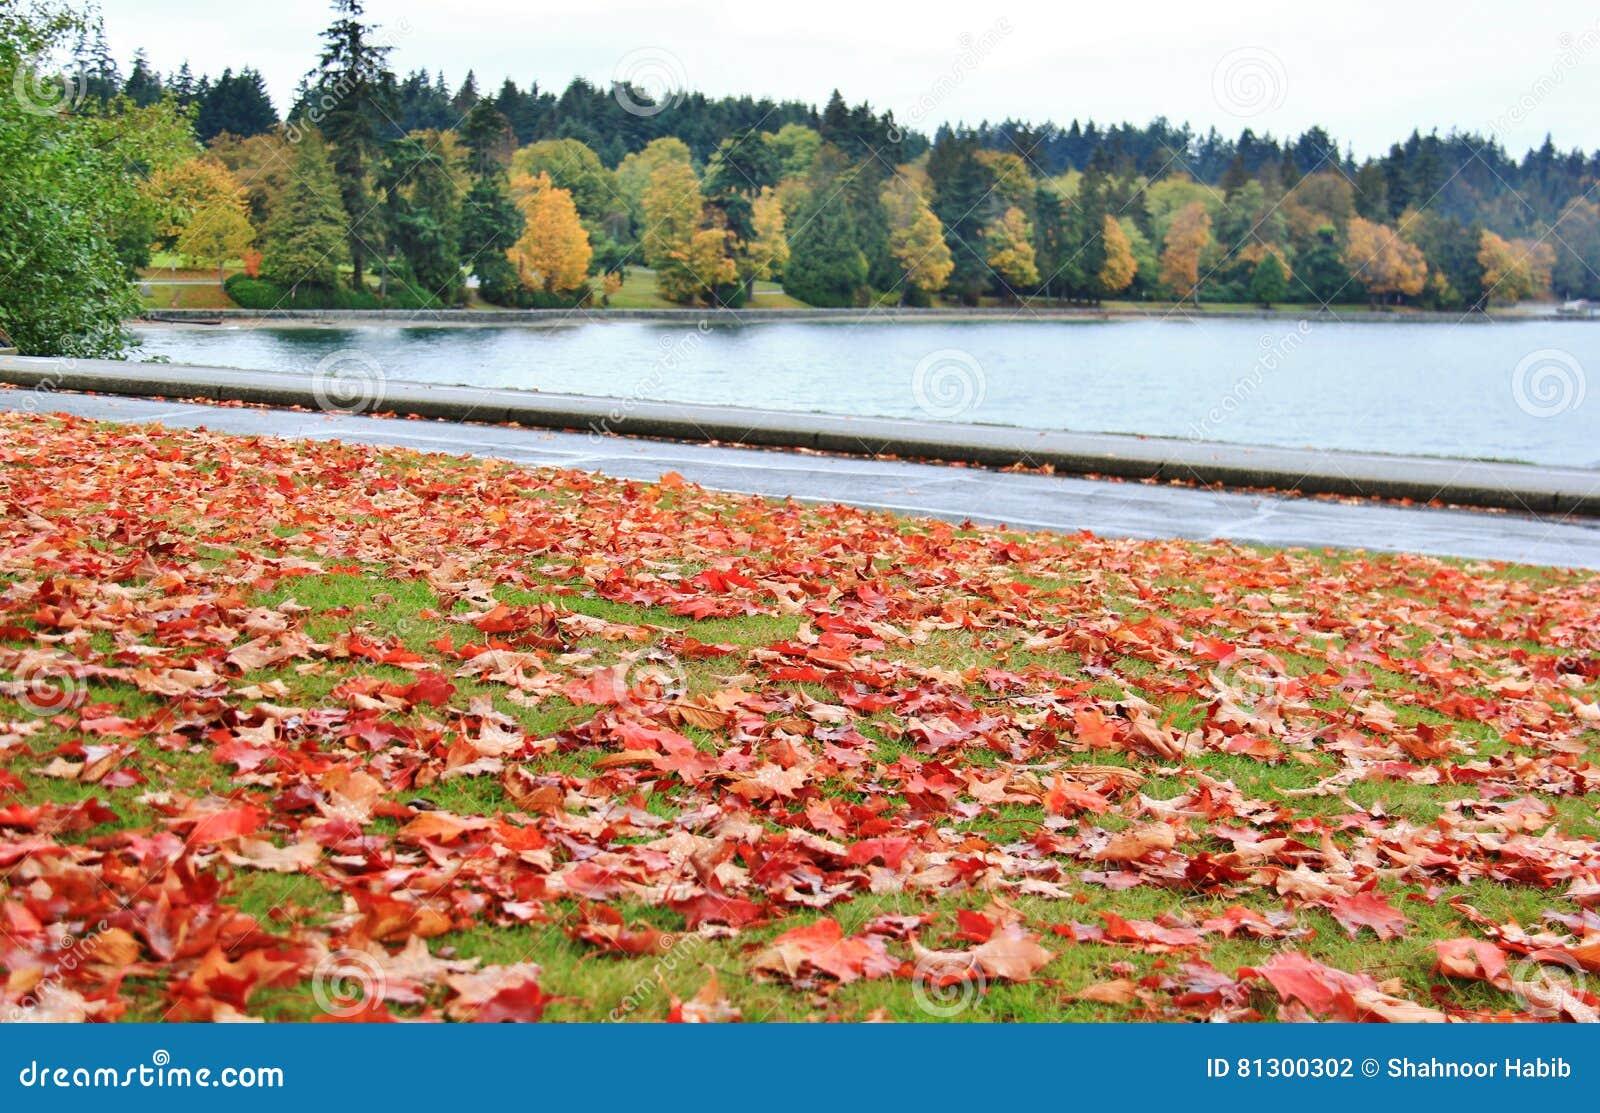 La Se El Color Hojas Vancouver En Caída Abriga De Carbón Otoño 7xEPqxRw